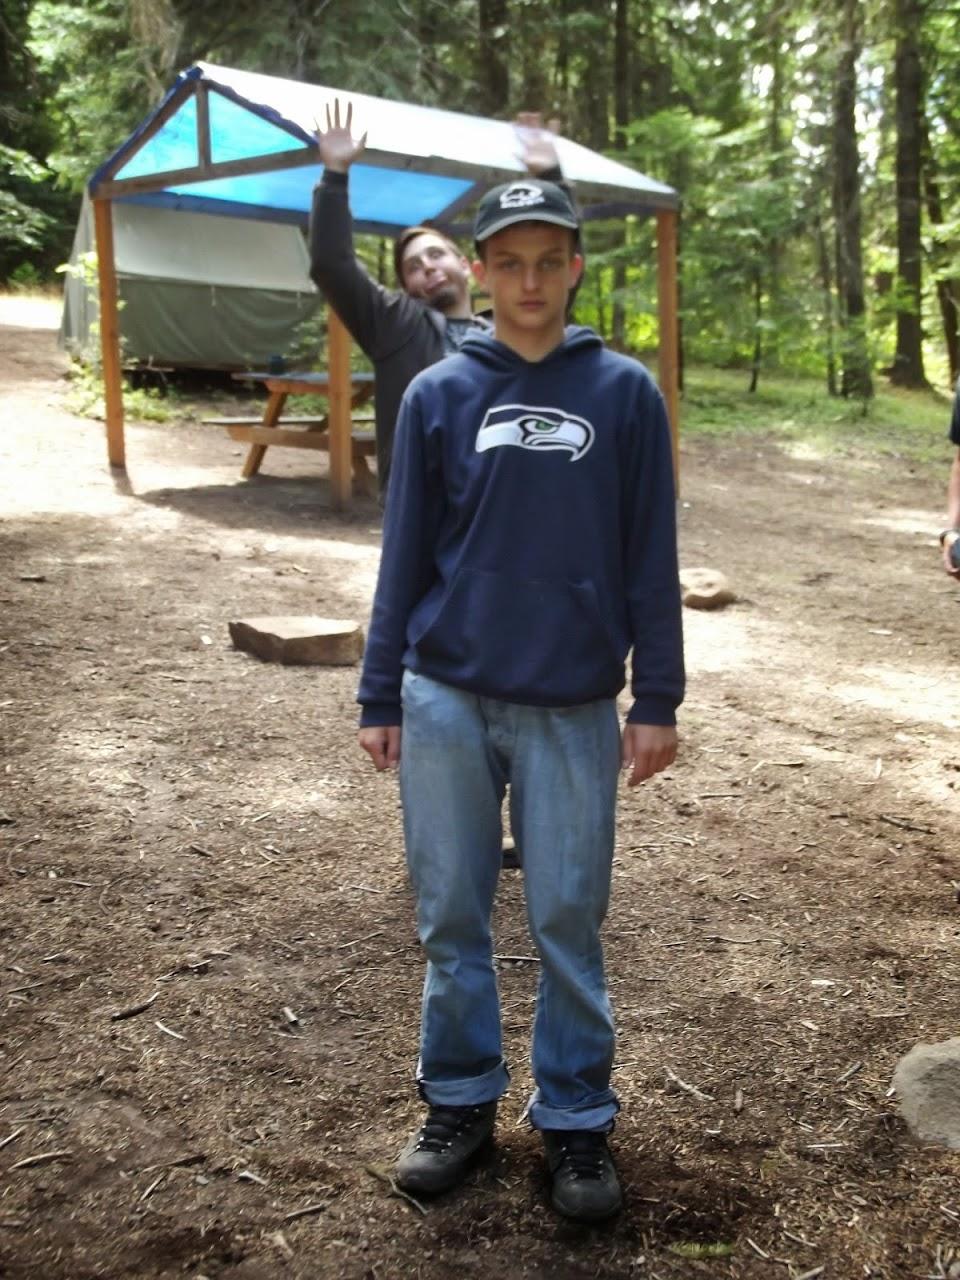 Camp Baldwin 2014 - DSCF3651.JPG